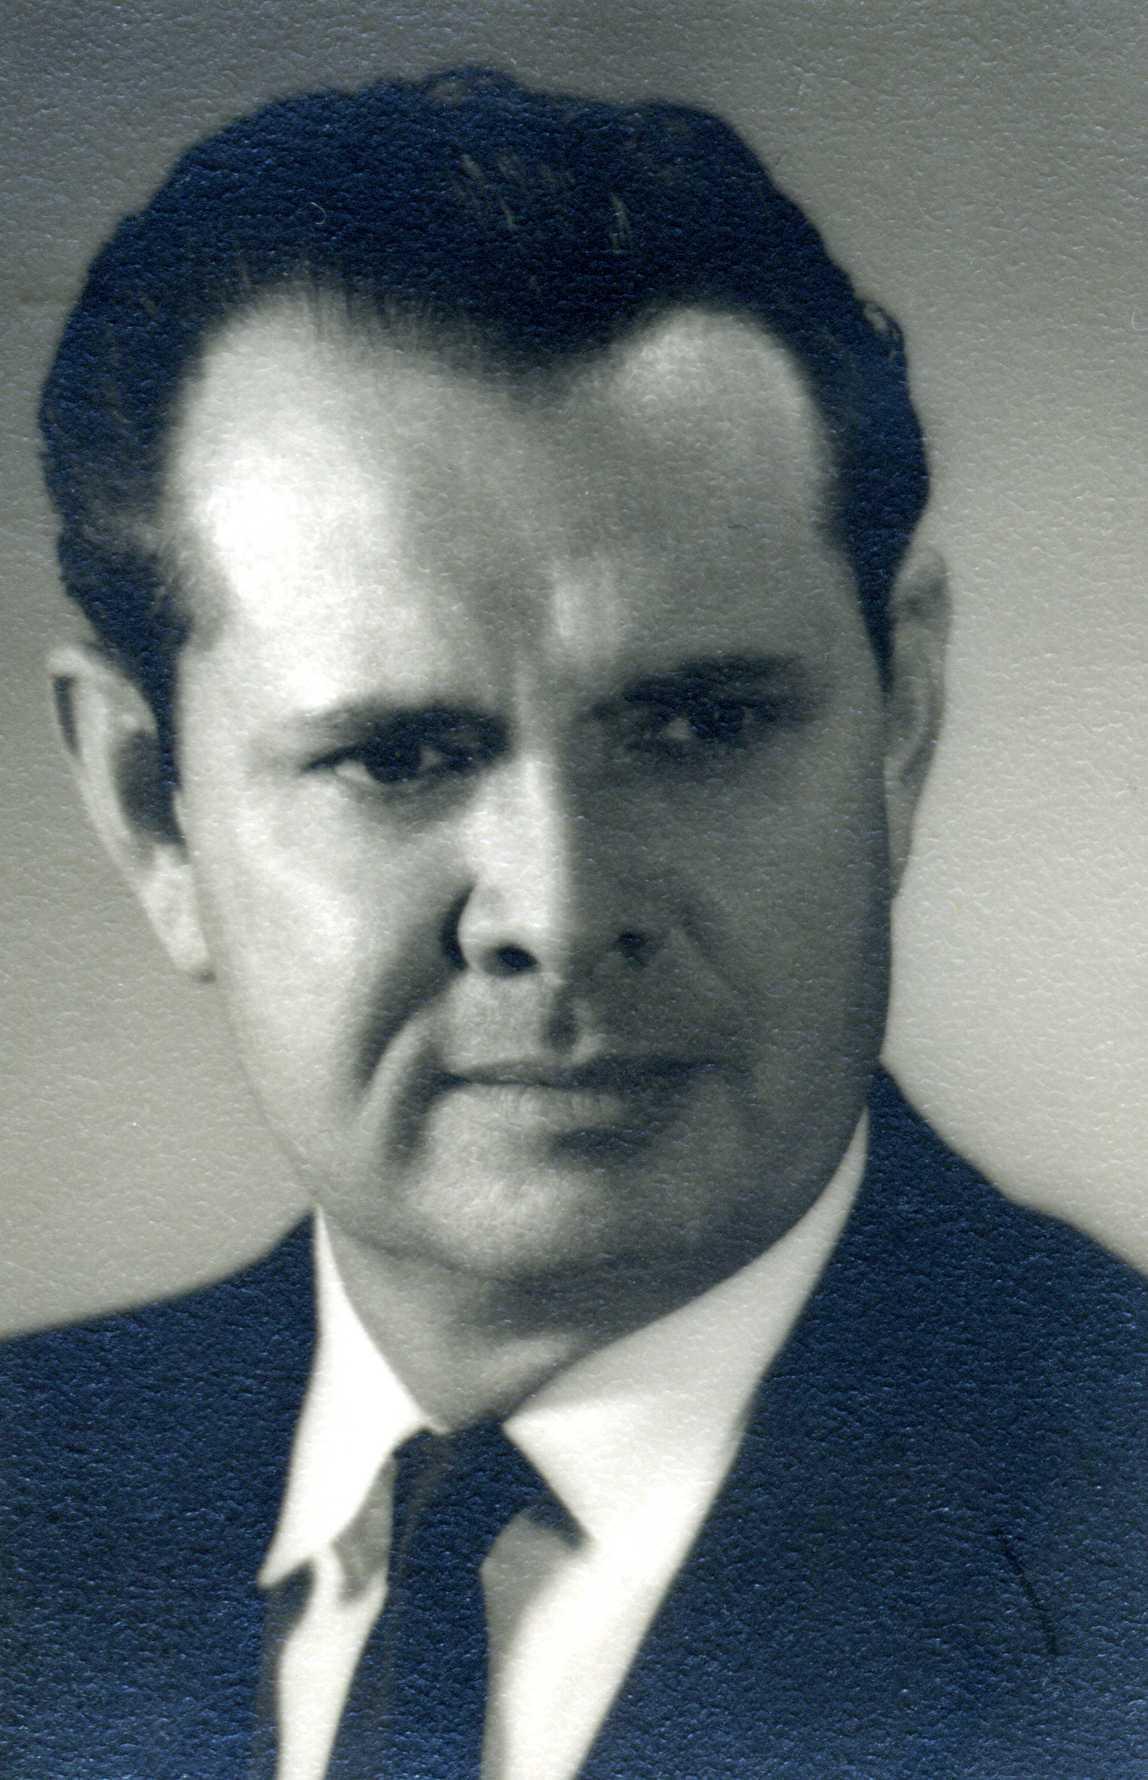 William P Blocker